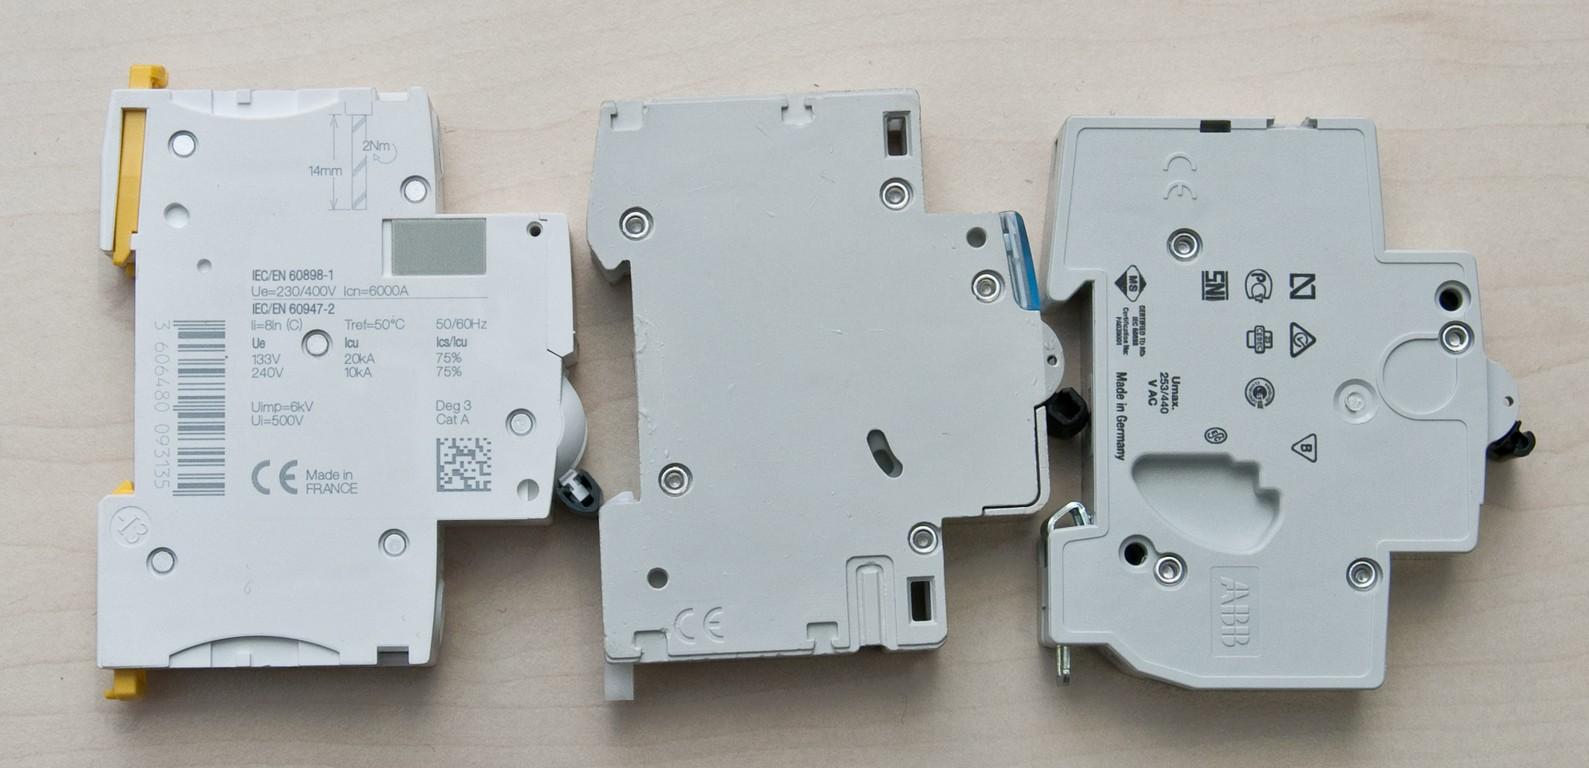 Schneider_Electric_Acti9_DSC_4700